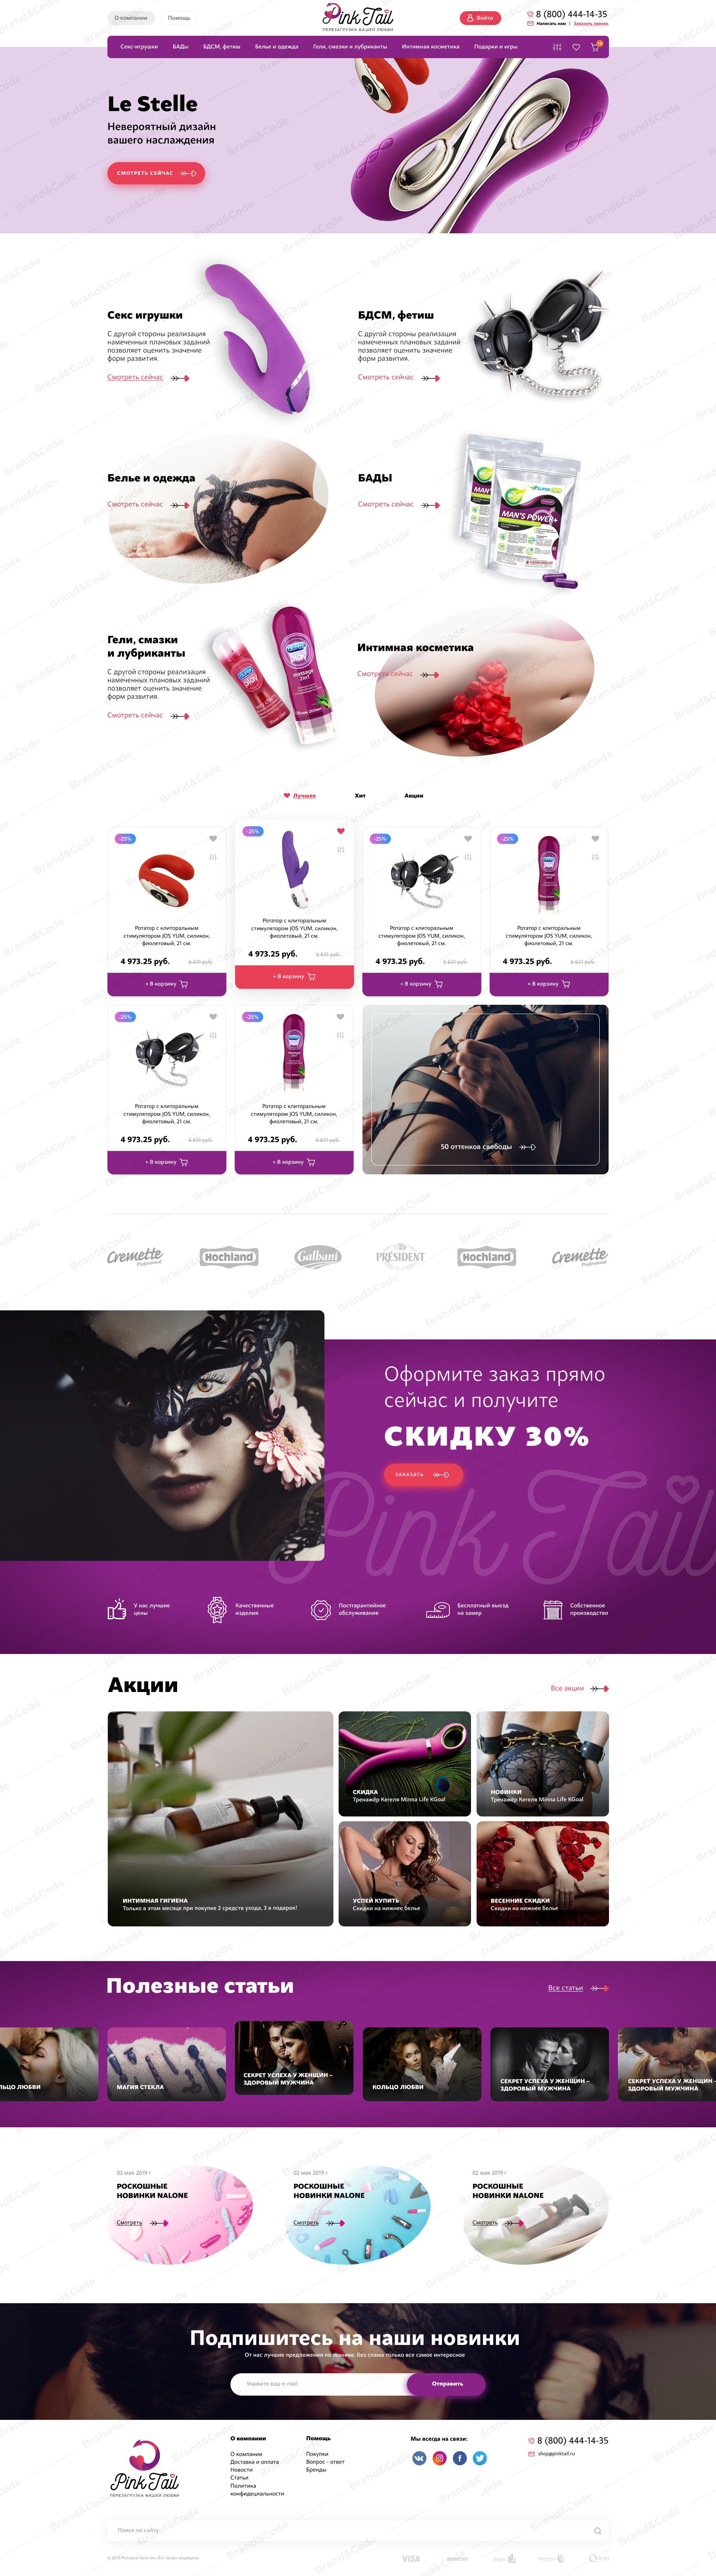 Pink Tail - интернет-магазин интимных аксессуаров